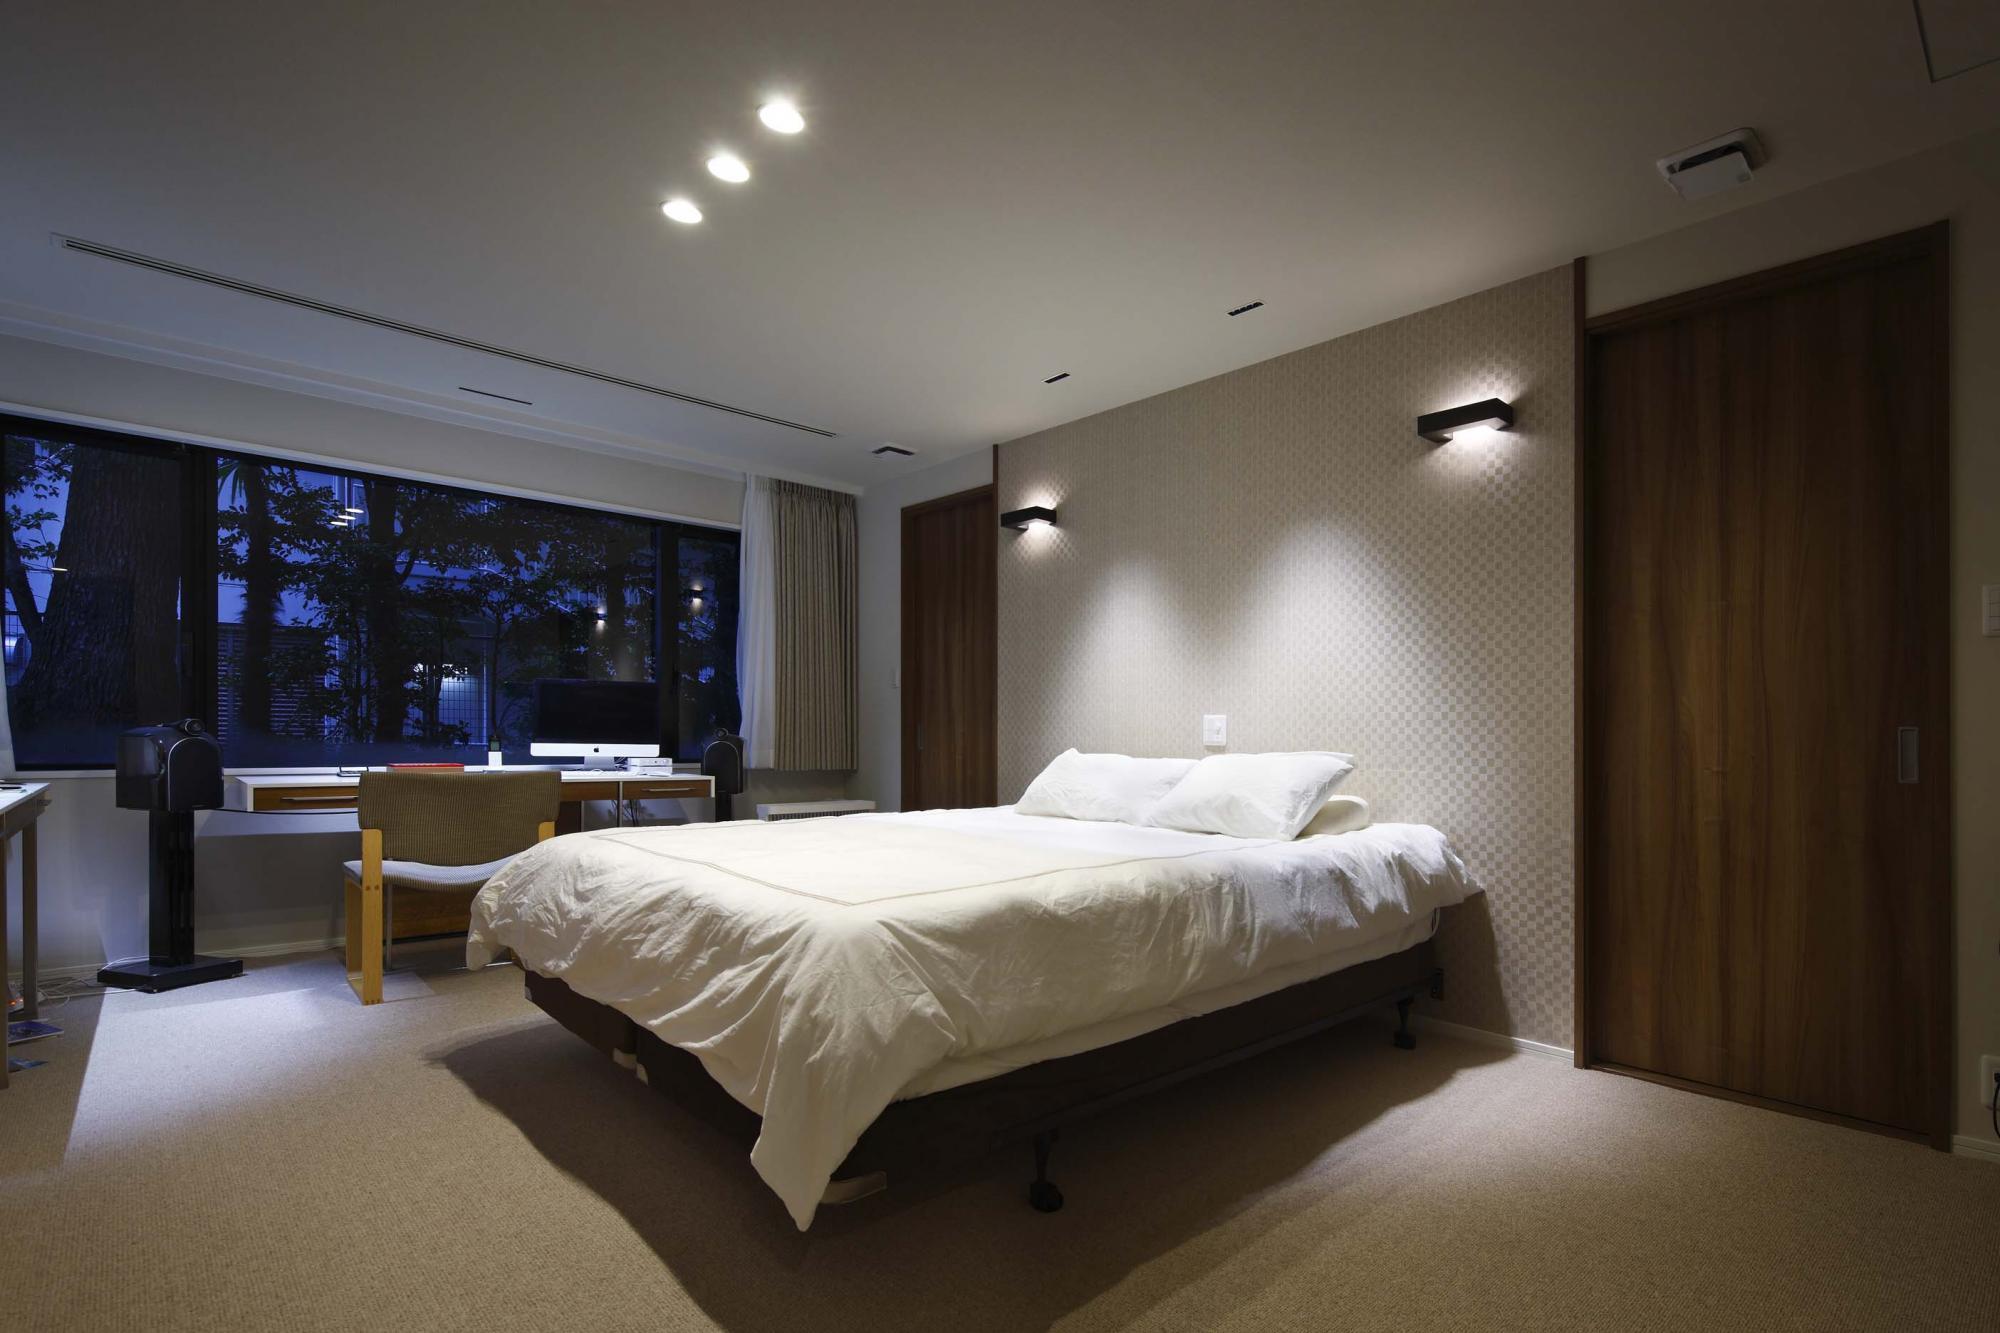 寝室はホテルのようなカーペット敷きに。ベッド背面の壁には光沢のある網代柄の白いクロスを貼って部屋のアクセントにした。またベッド背面の2つの扉は、ウォークインクロゼットへと続いている。